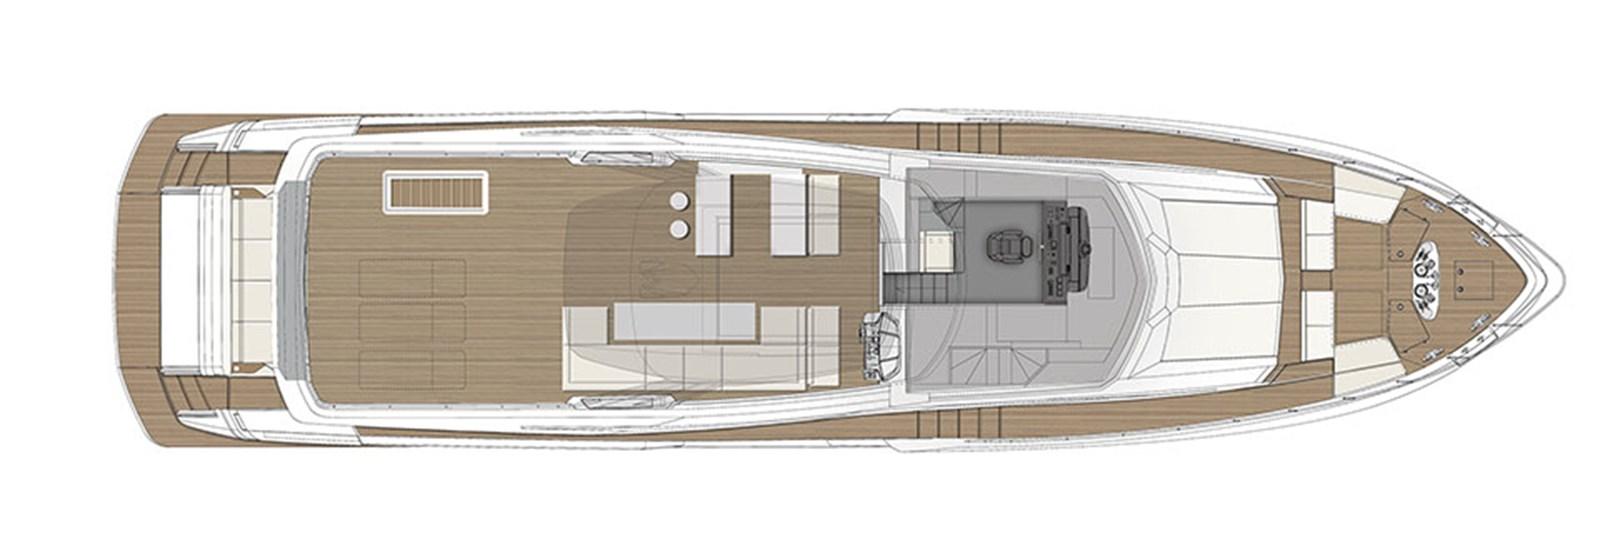 FerrettiYachts_920_Sun Deck_40664 2020 FERRETTI YACHTS 920 HT Motor Yacht 2832905